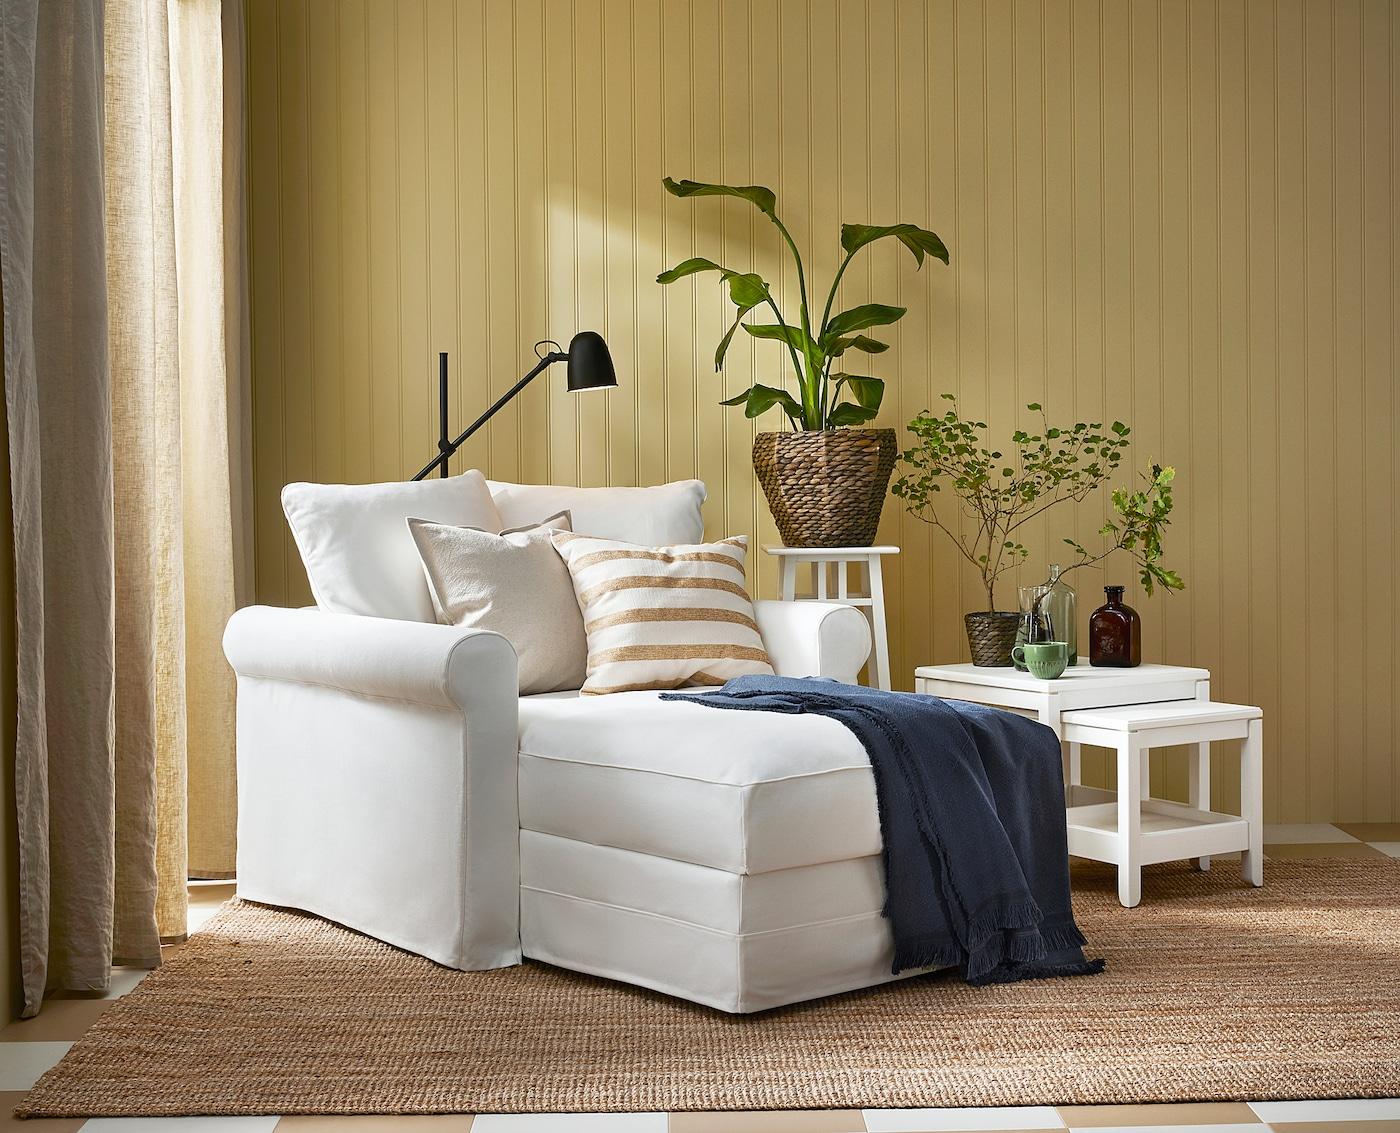 Ongebruikt LOHALS Vloerkleed, glad geweven, naturel, 160x230 cm - IKEA AC-46